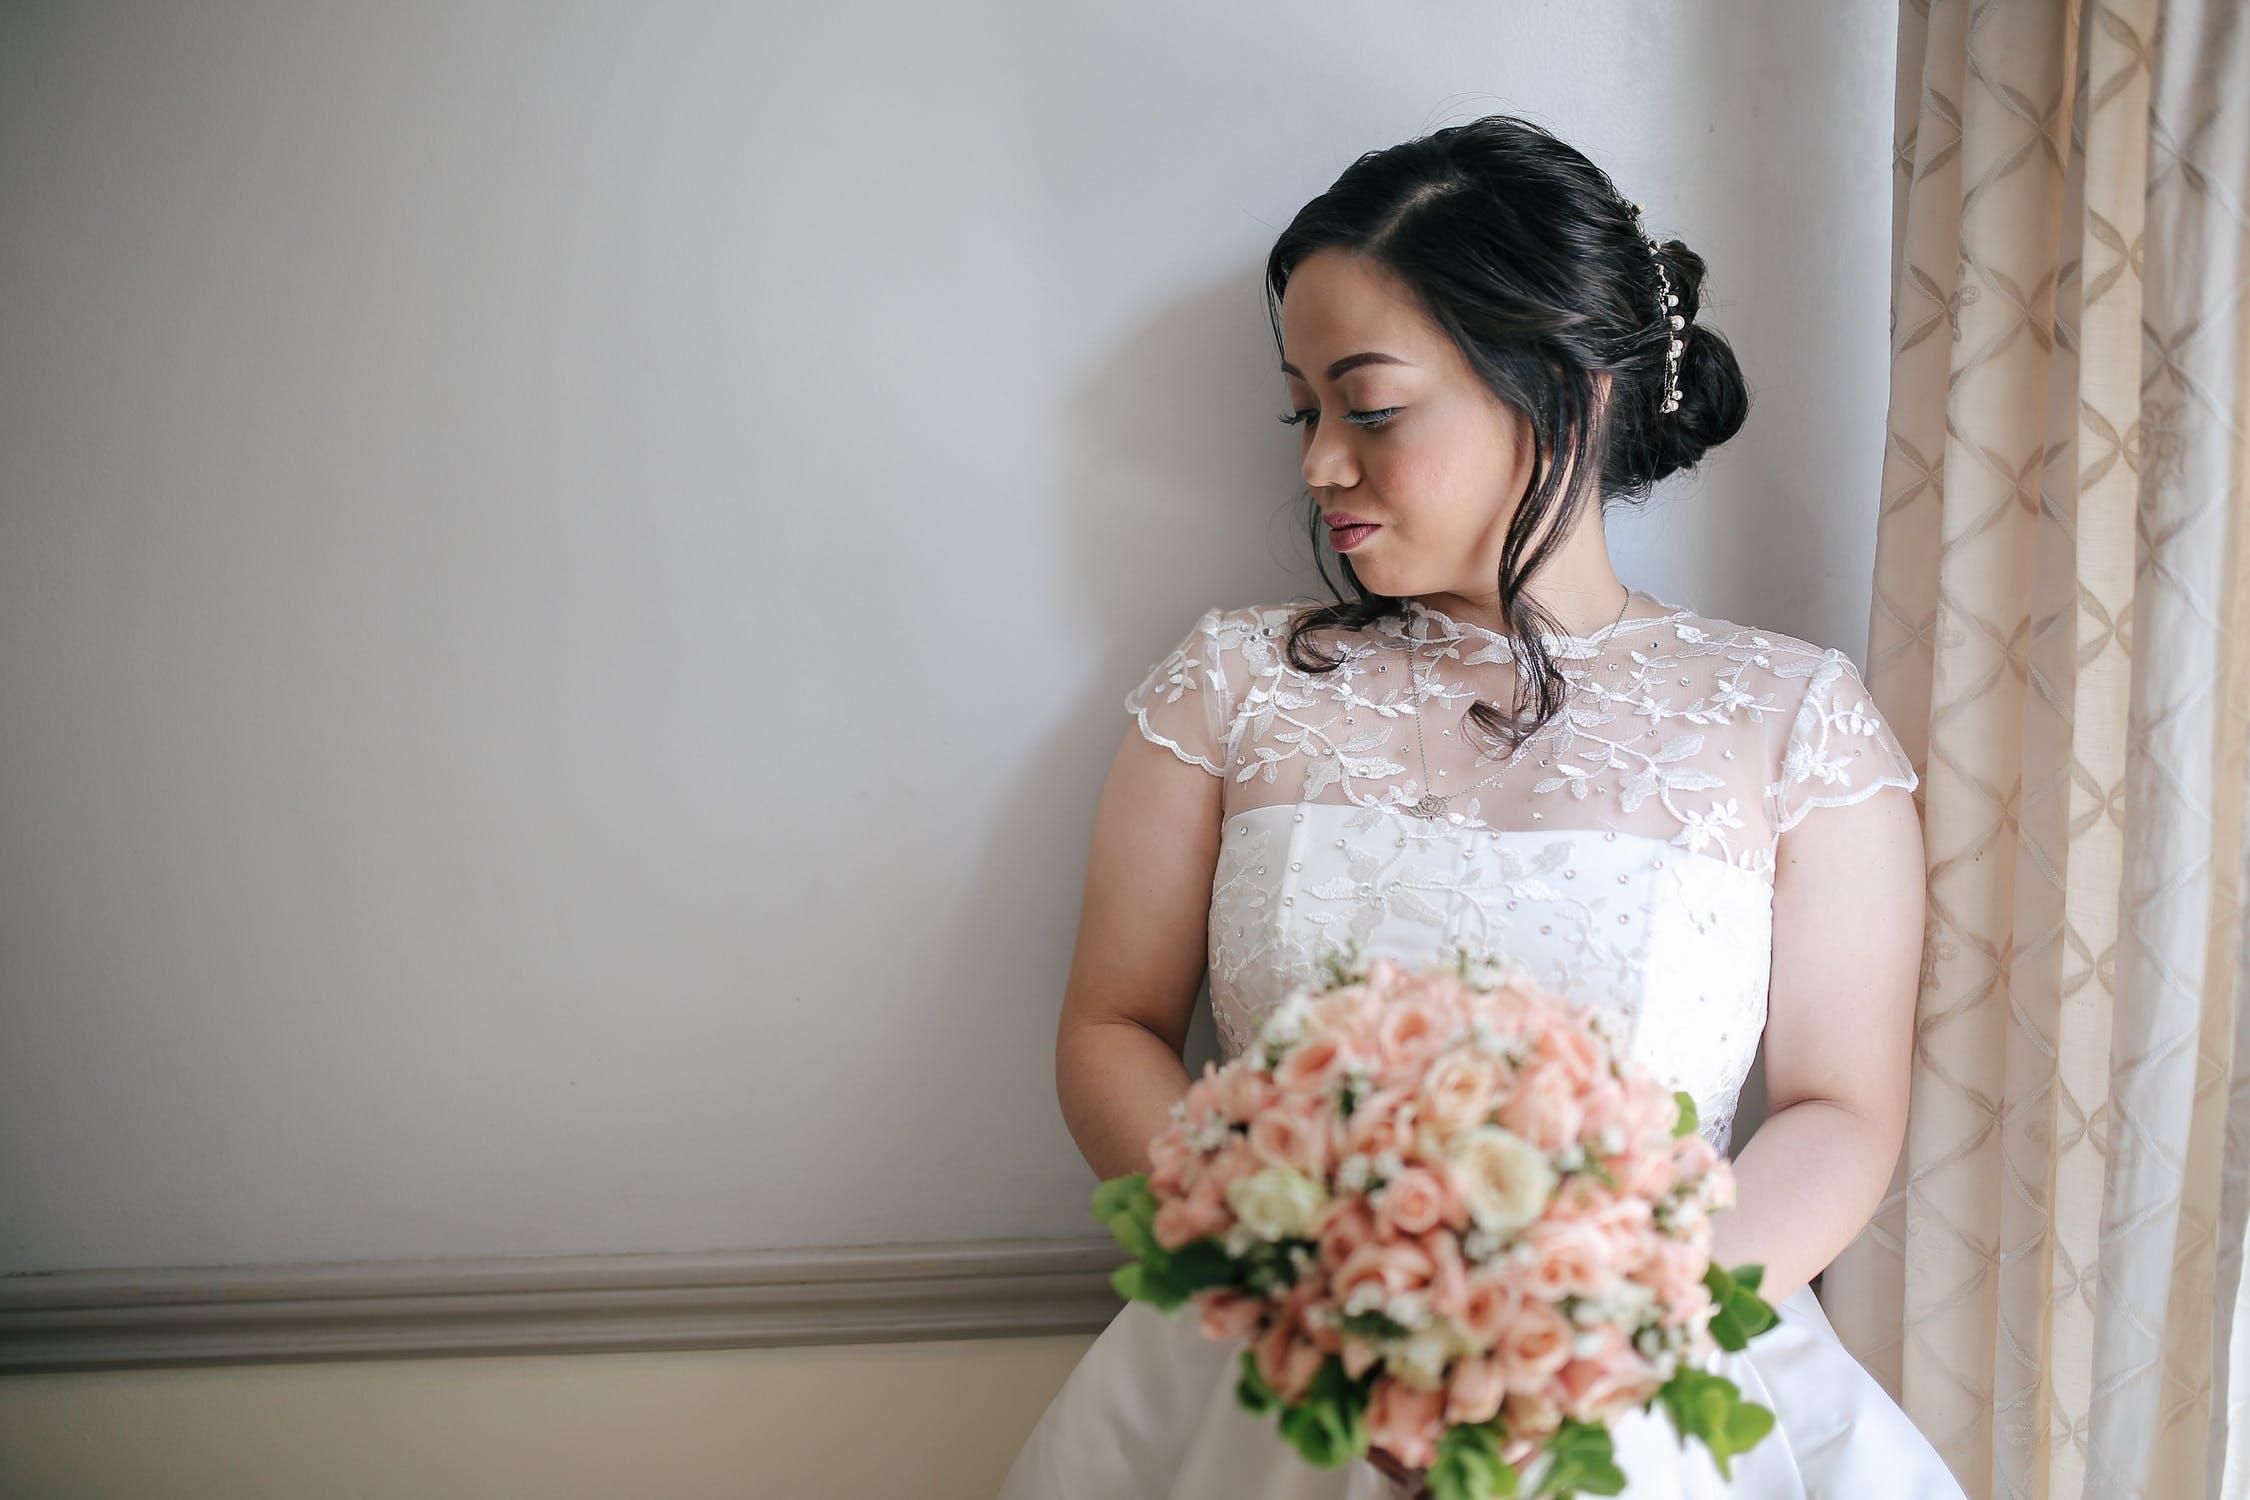 Comment choisir une tenue pour son mariage civil?